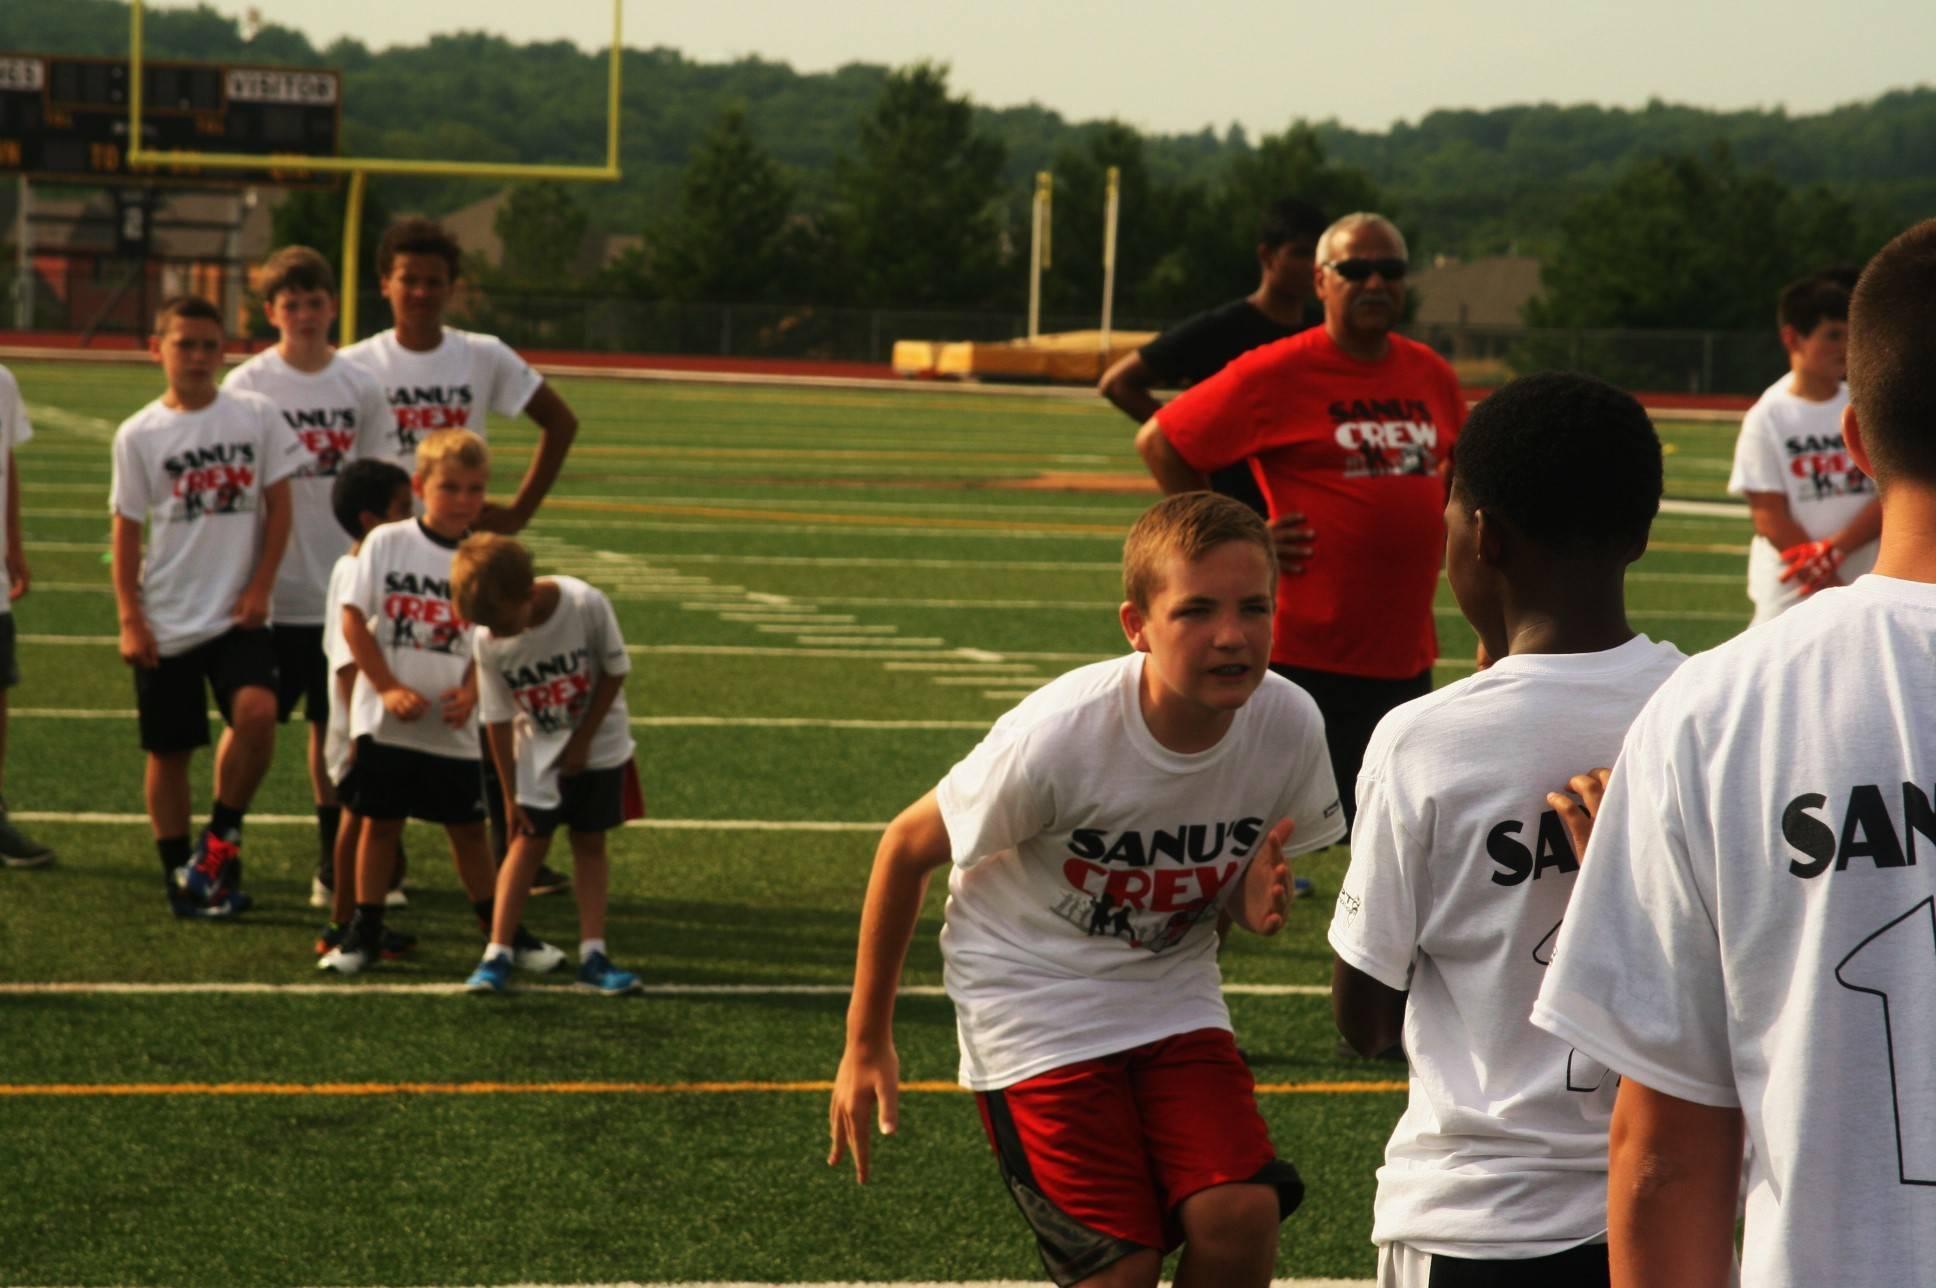 YOUTH Atlanta Falcons Mohamed Sanu Jerseys